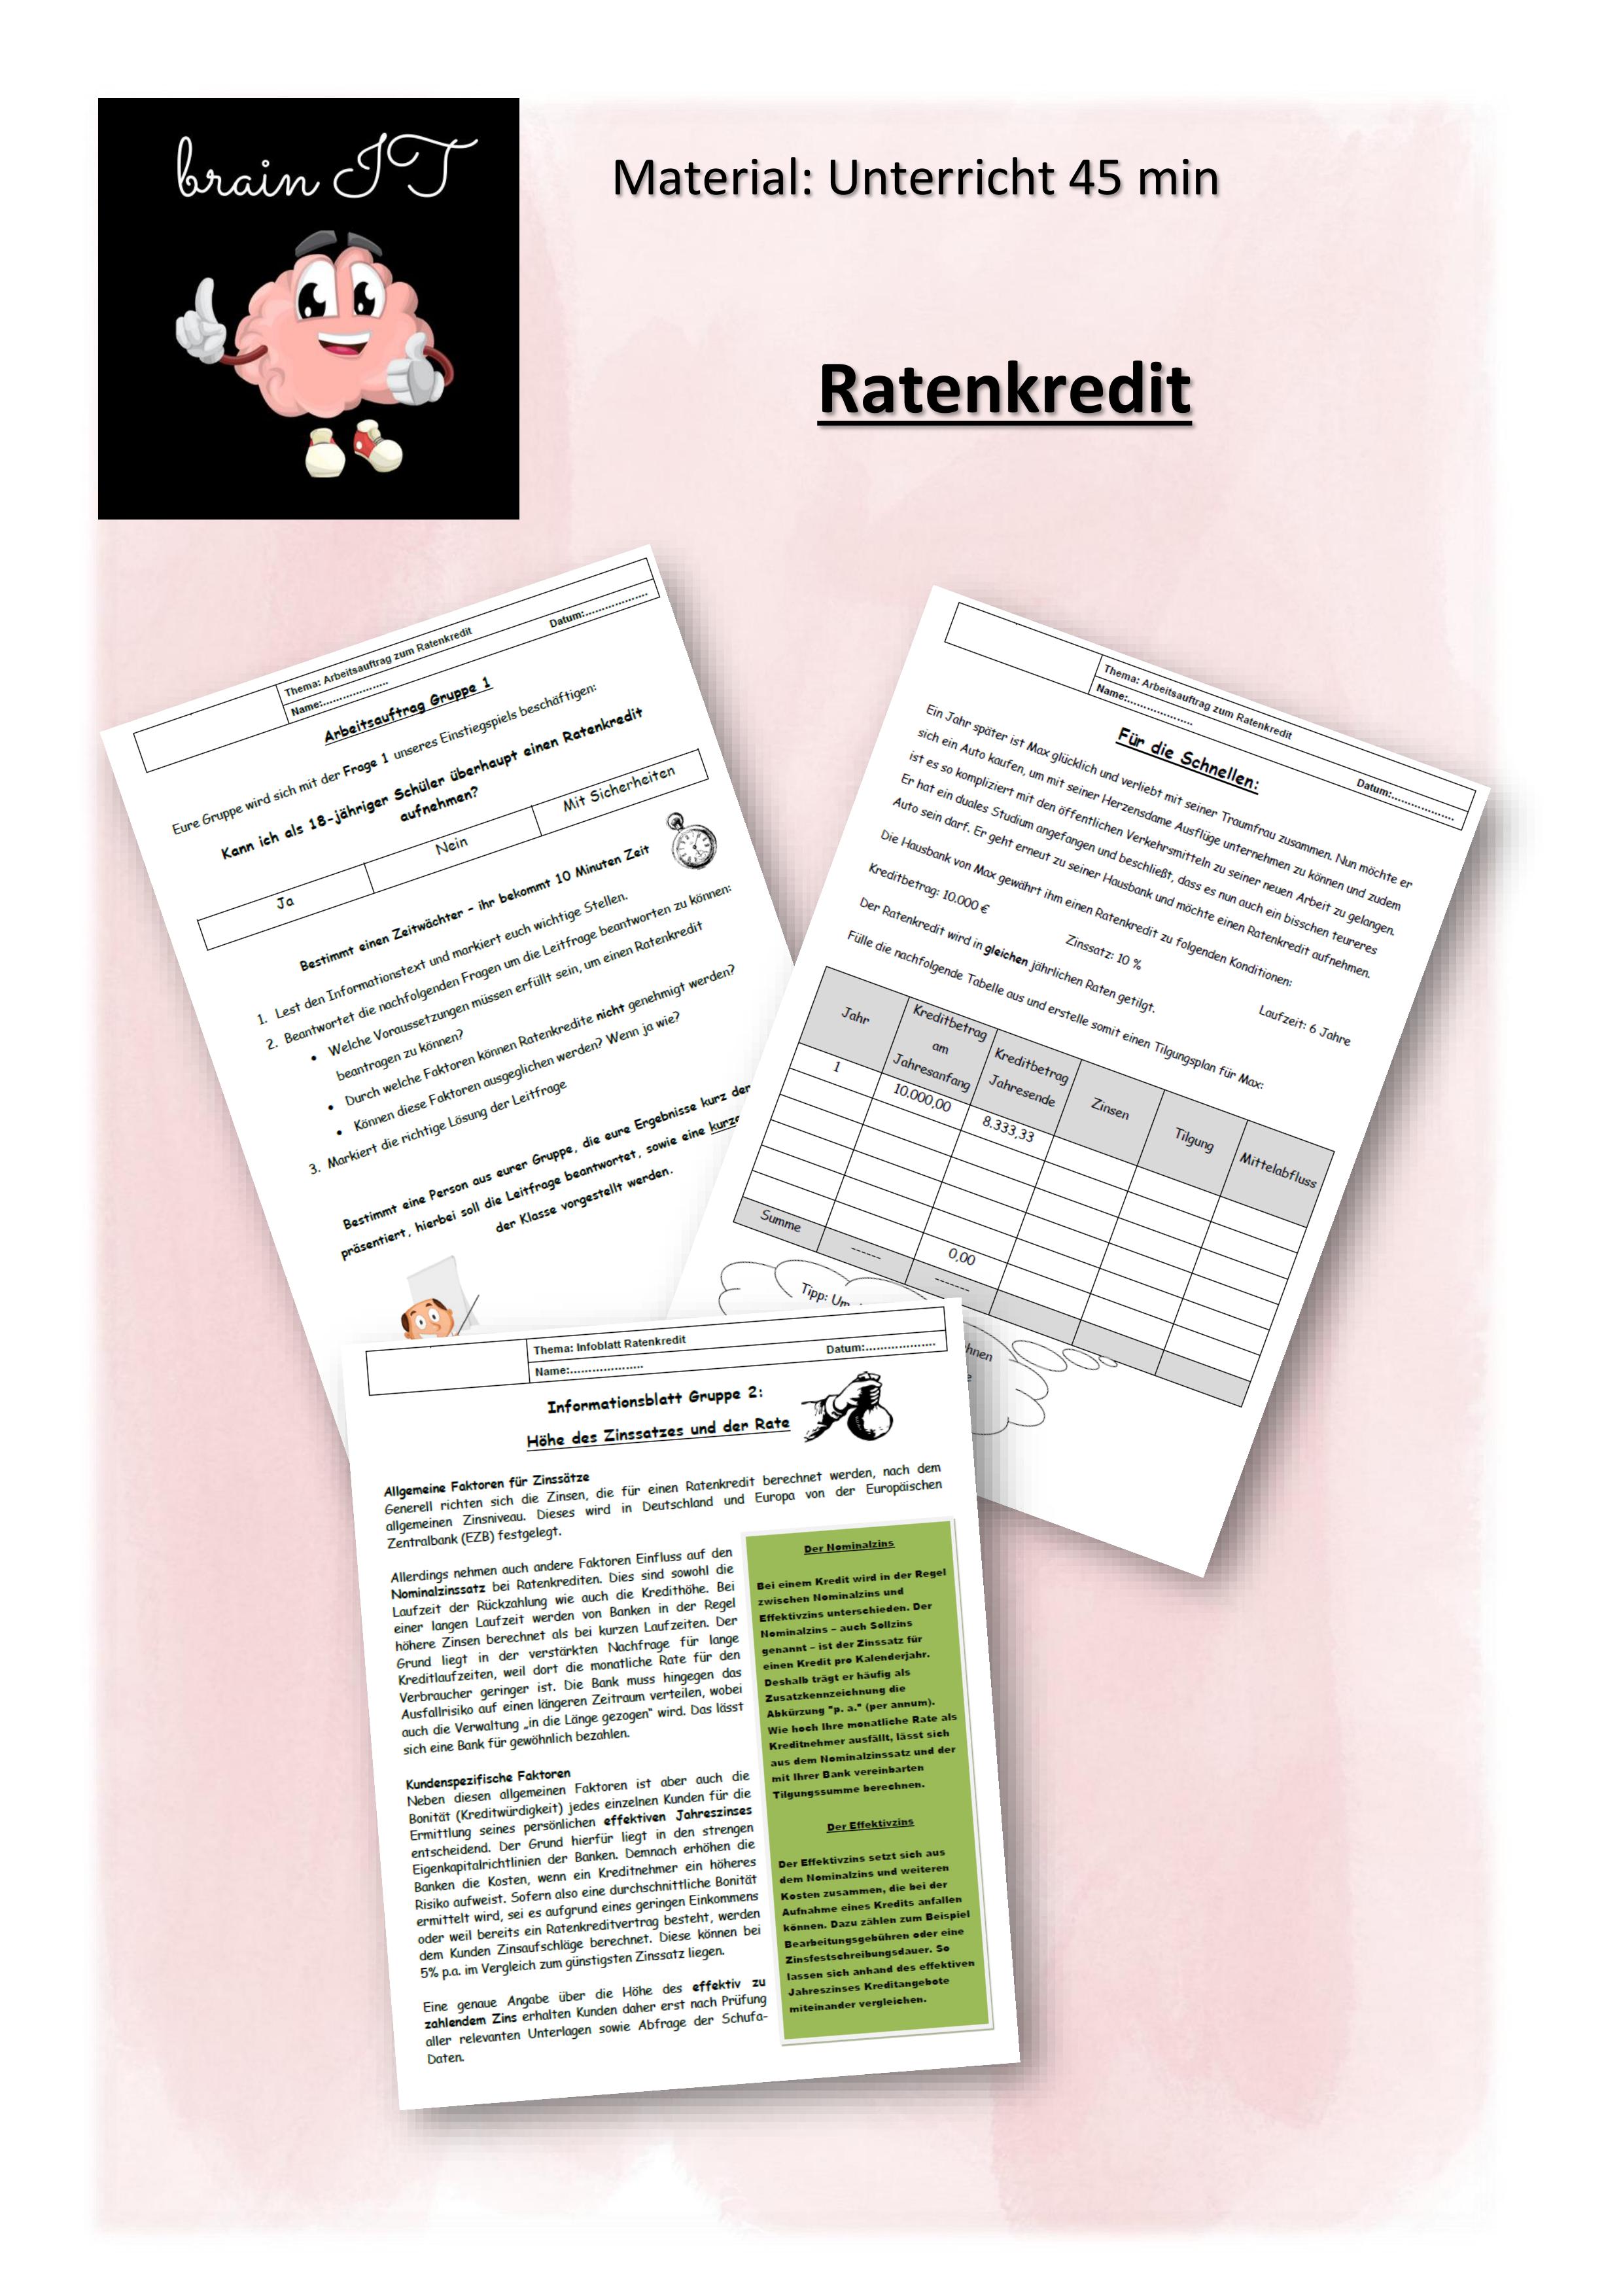 Kredit Ratenkredit 45 Min Unterricht Unterrichtsmaterial In Den Fachern Mathematik Wirtschaft Ratenkredit Kredit Mathematikunterricht